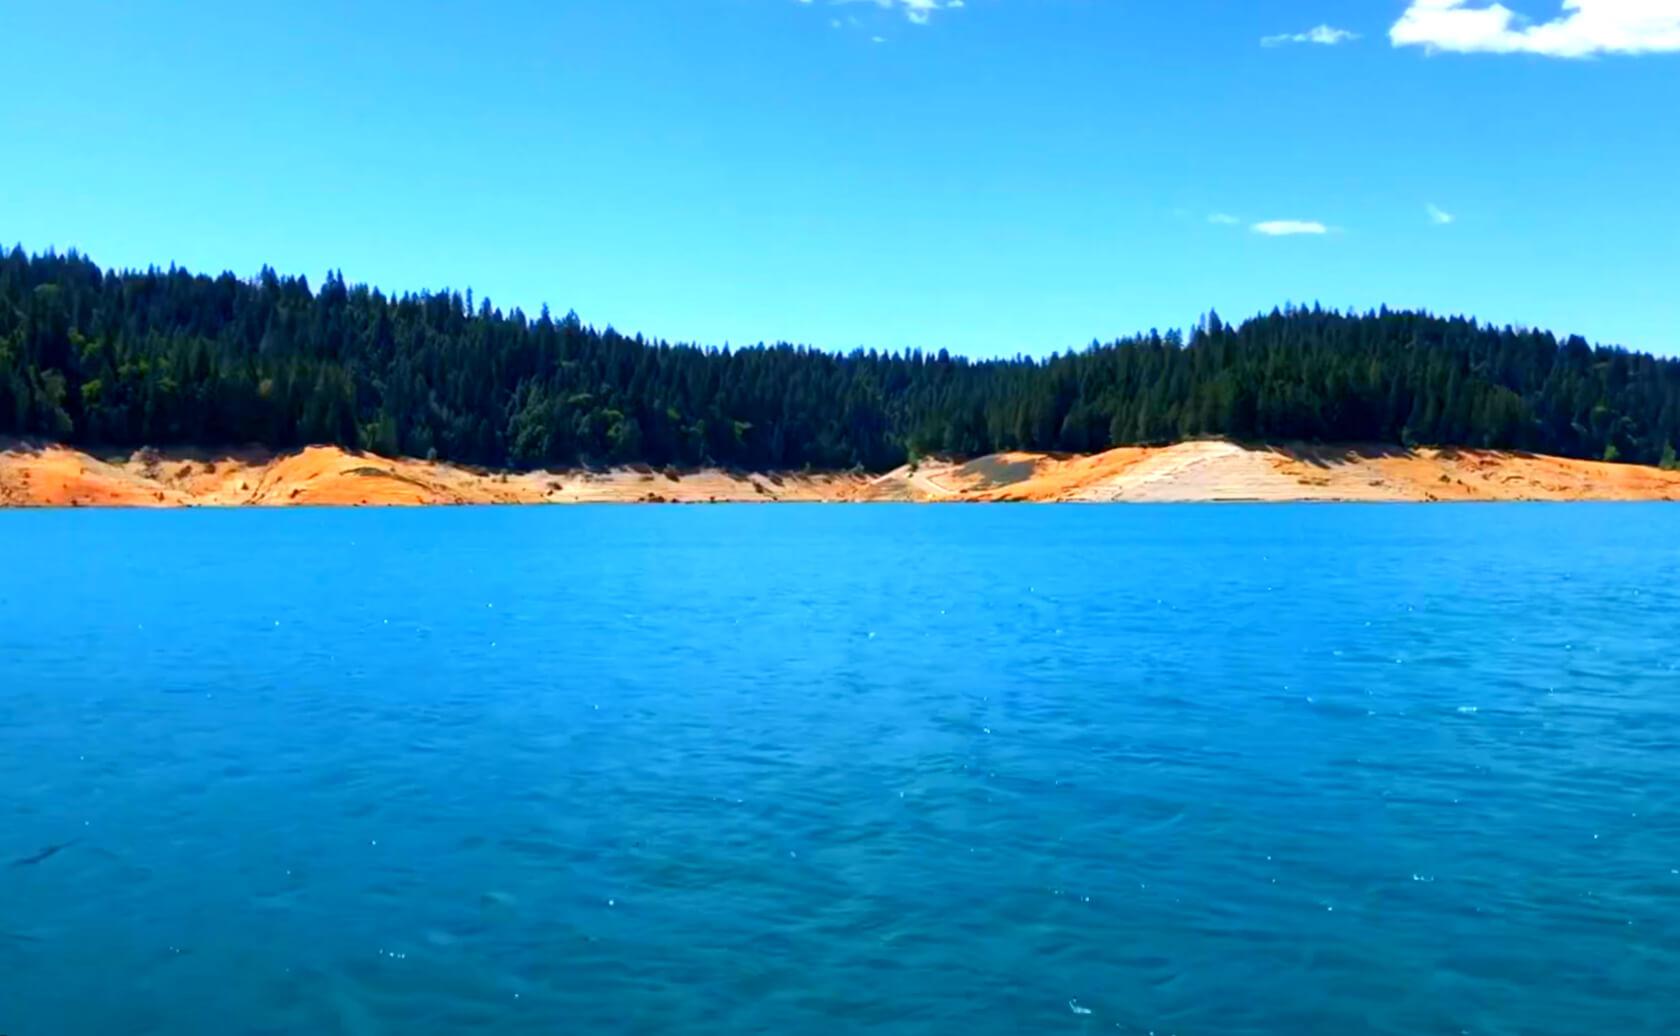 New-Bullards-Bar-Reservoir-Lake-Fishing-Guide-Report-California-01